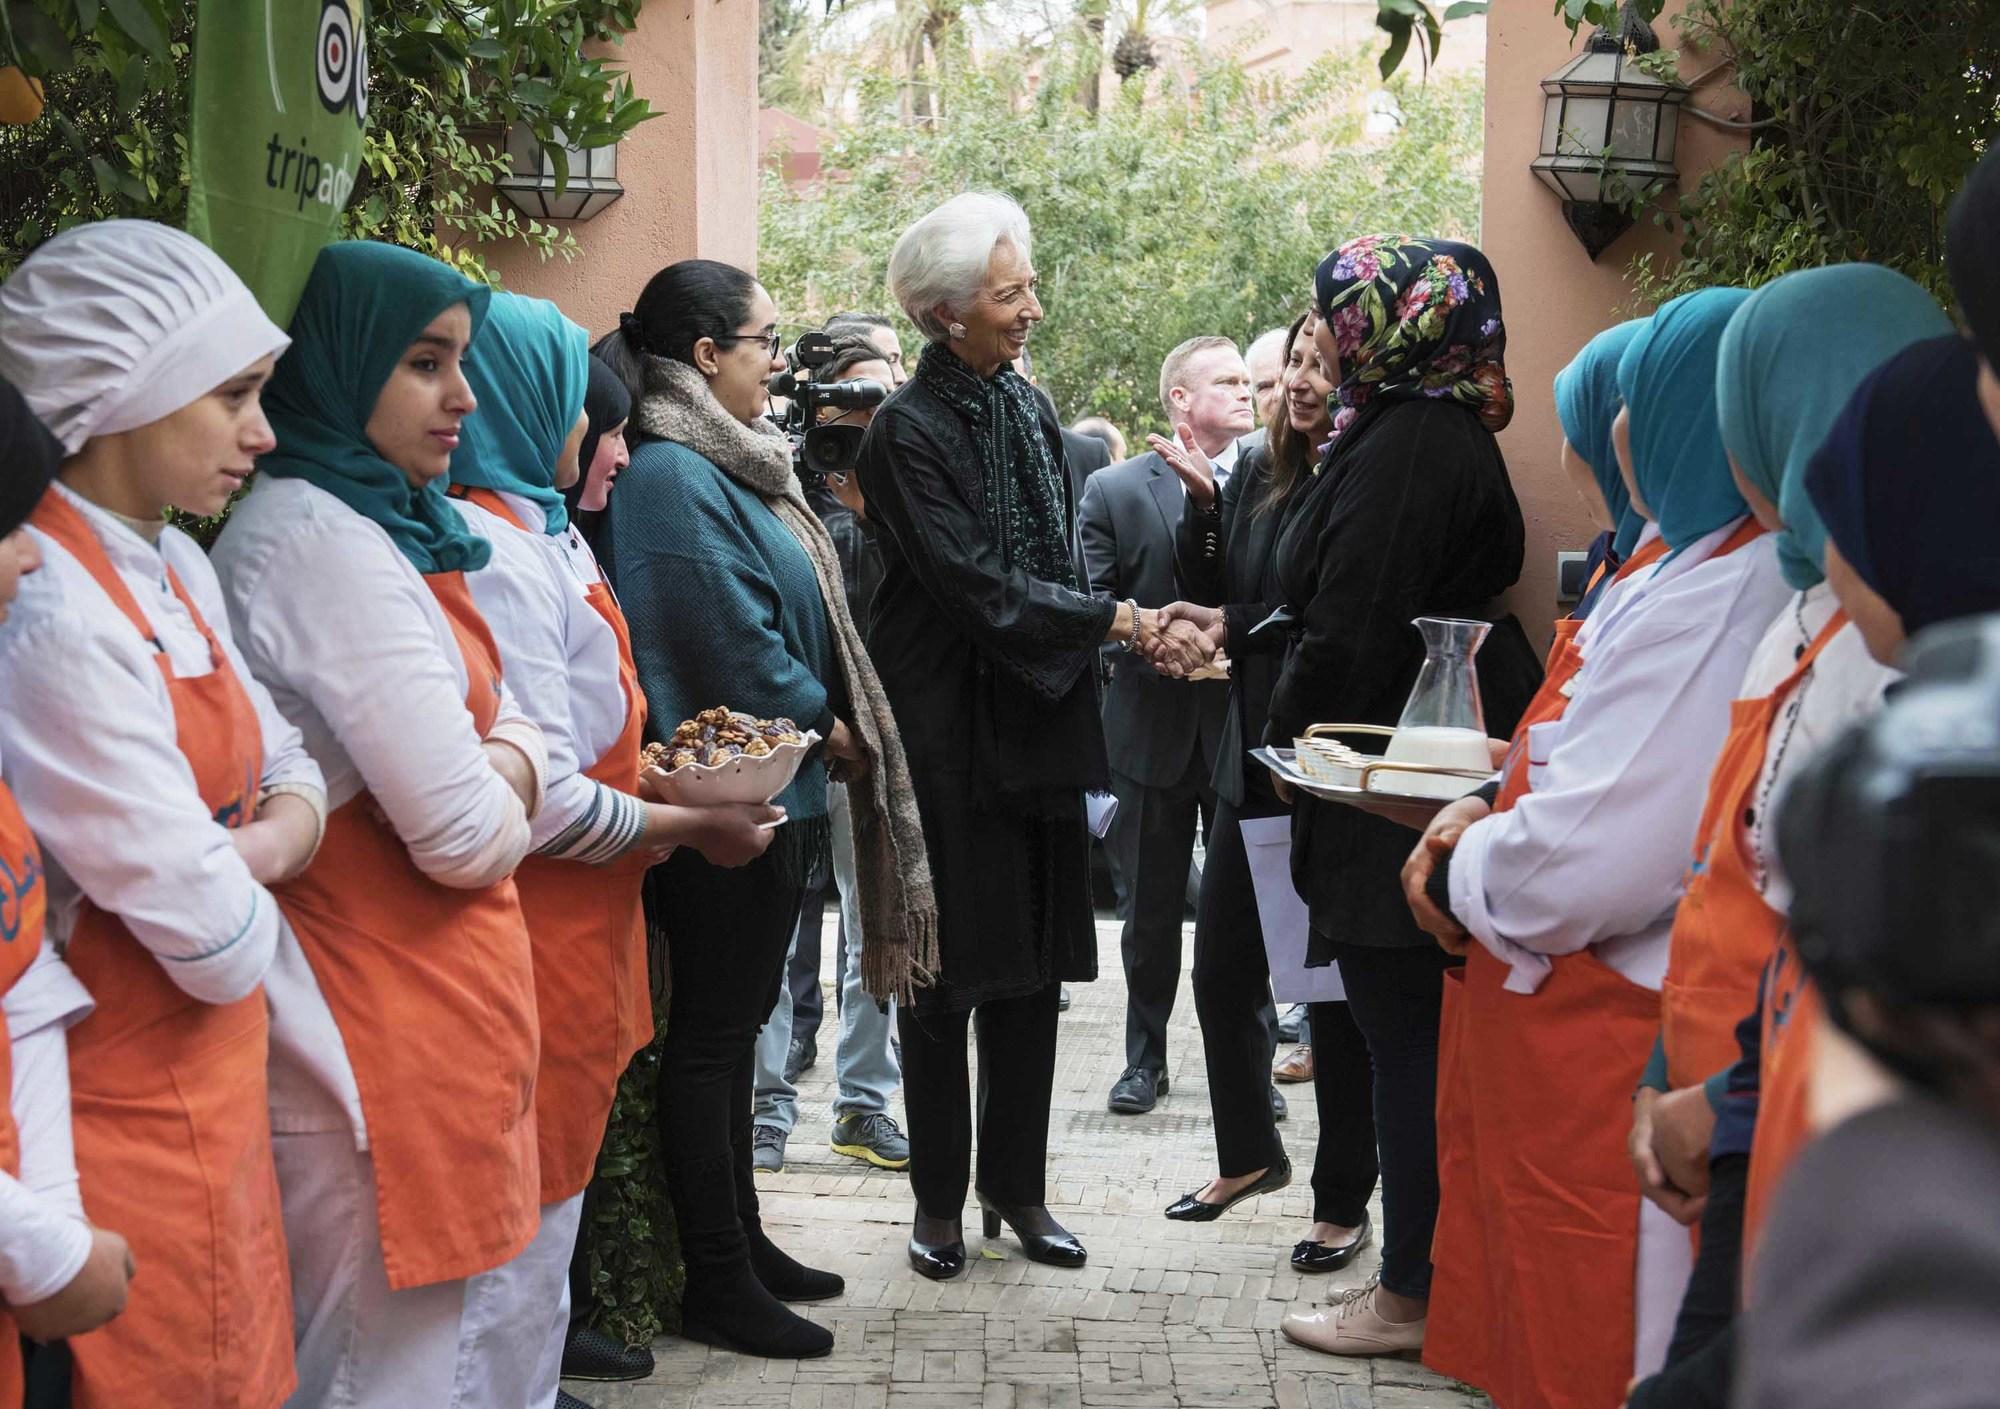 Visite à l'association Amal avant une conférence sur la croissance, l'emploi et l'inclusion dans le monde arabe, le 29 janvier, àMarrakech.